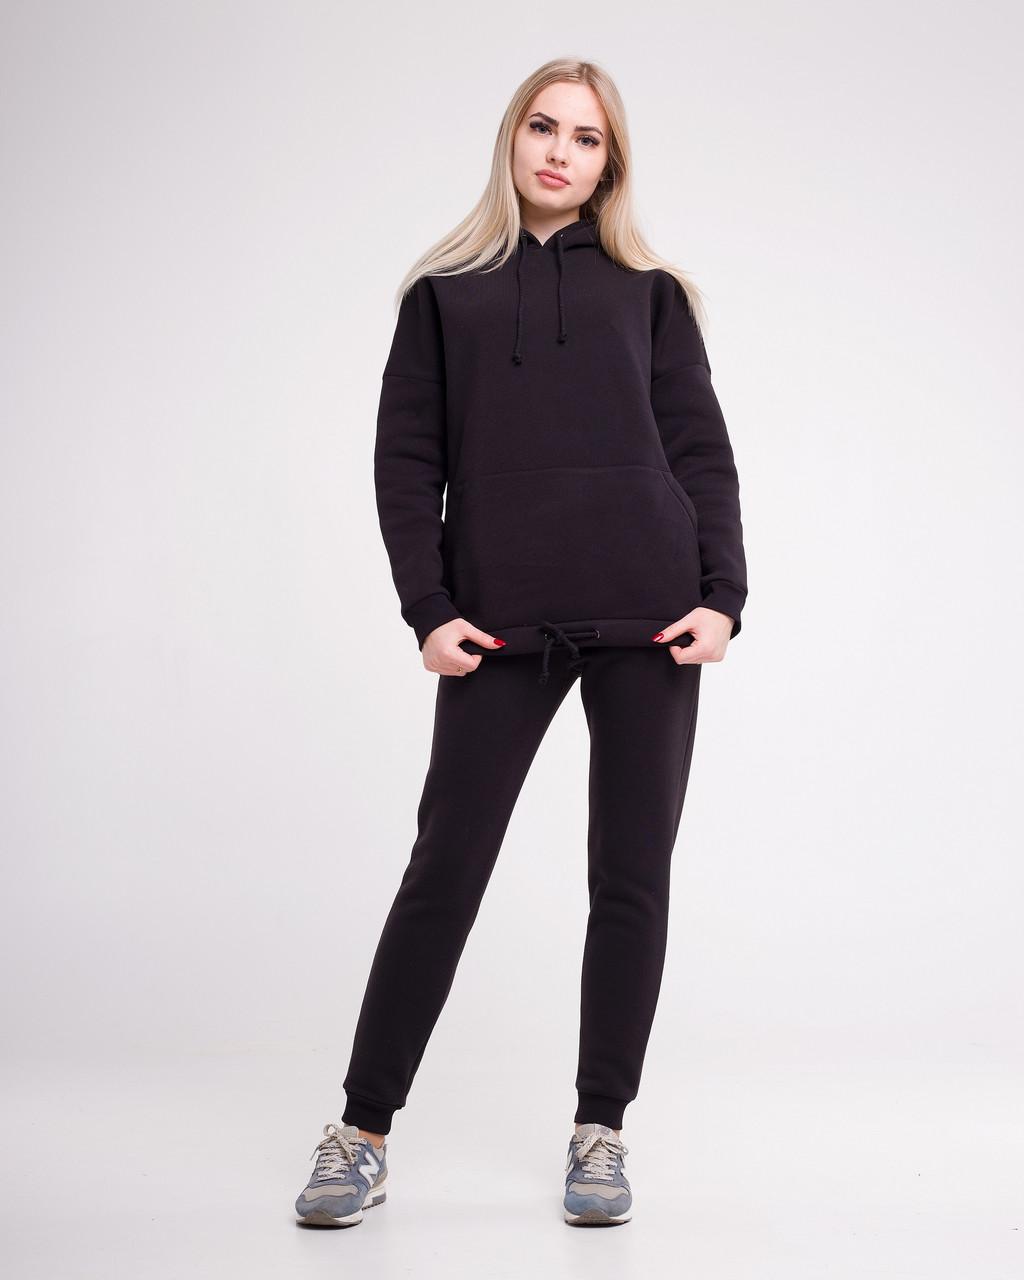 Спортивный костюм  Ignite+Marla от бренда ТУР